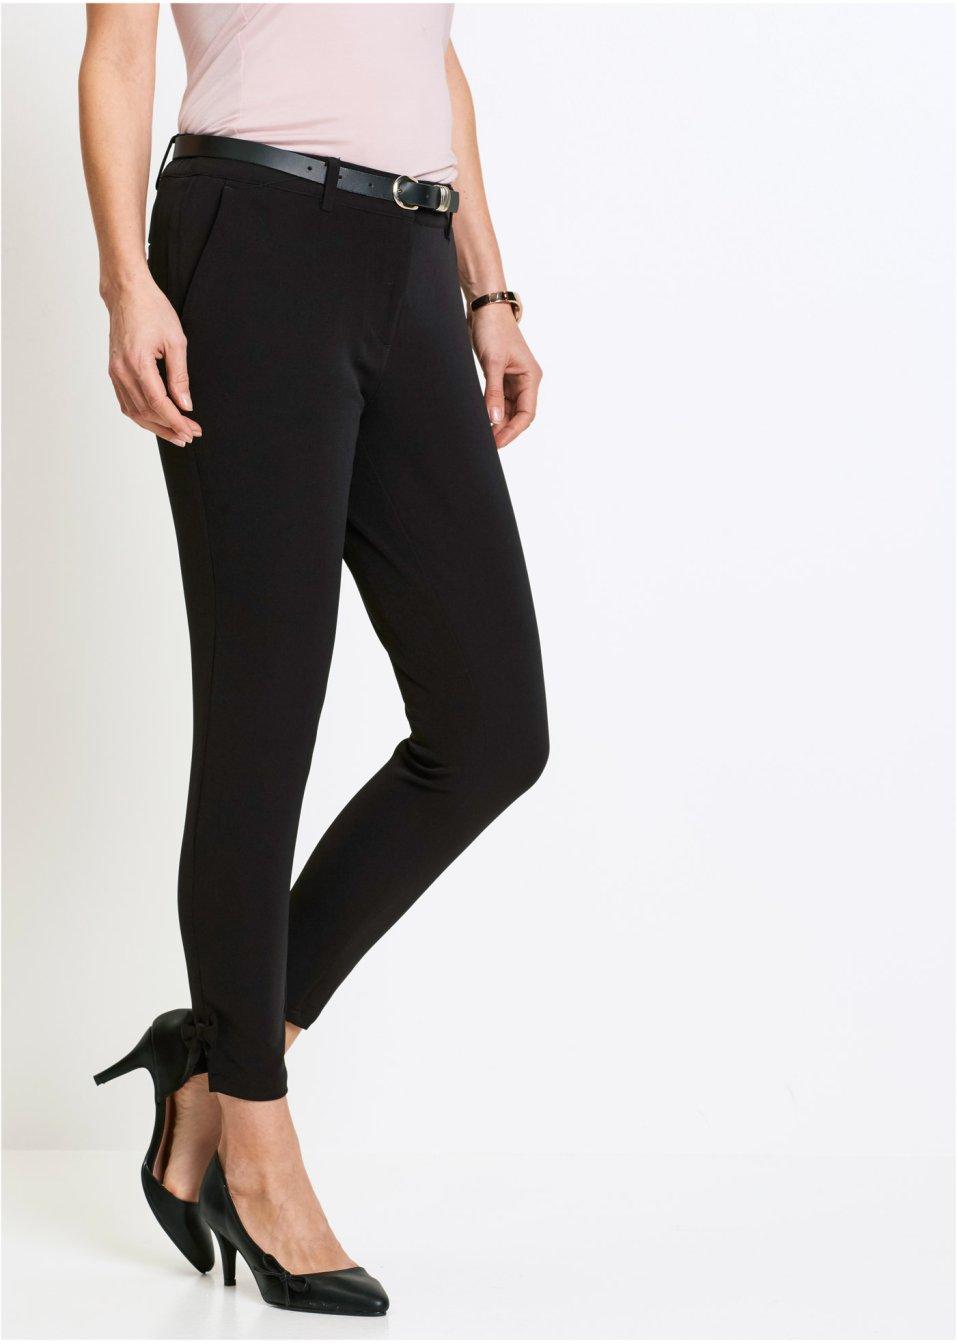 pantalon avec n uds d coratifs noir femme. Black Bedroom Furniture Sets. Home Design Ideas